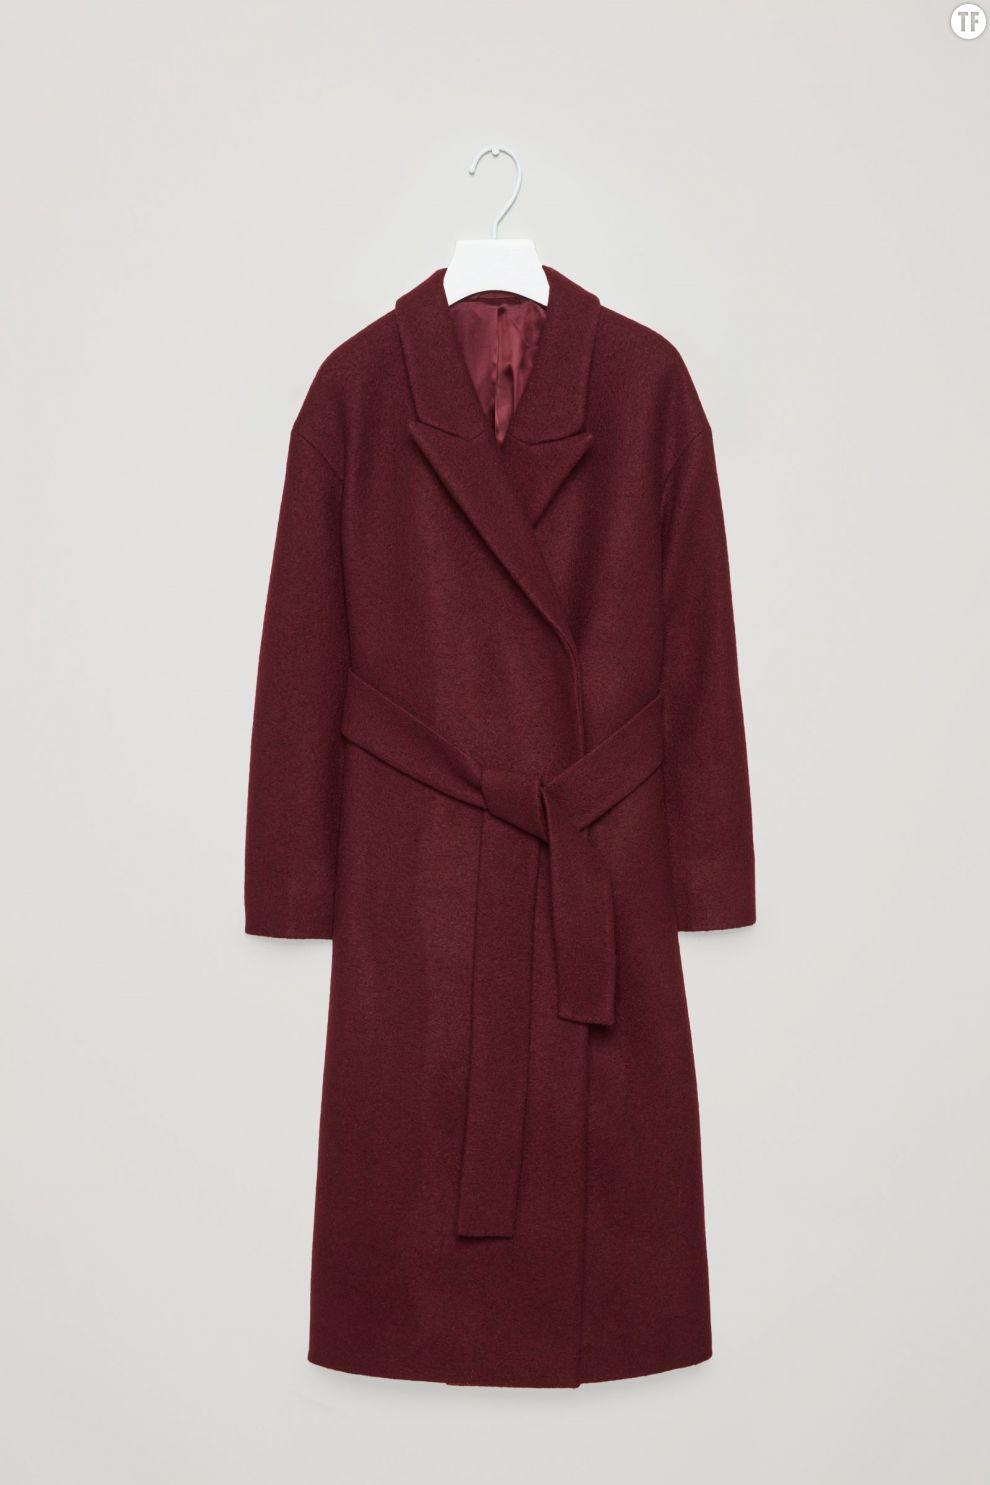 Manteau prune en laine ceinturé COS, 250€